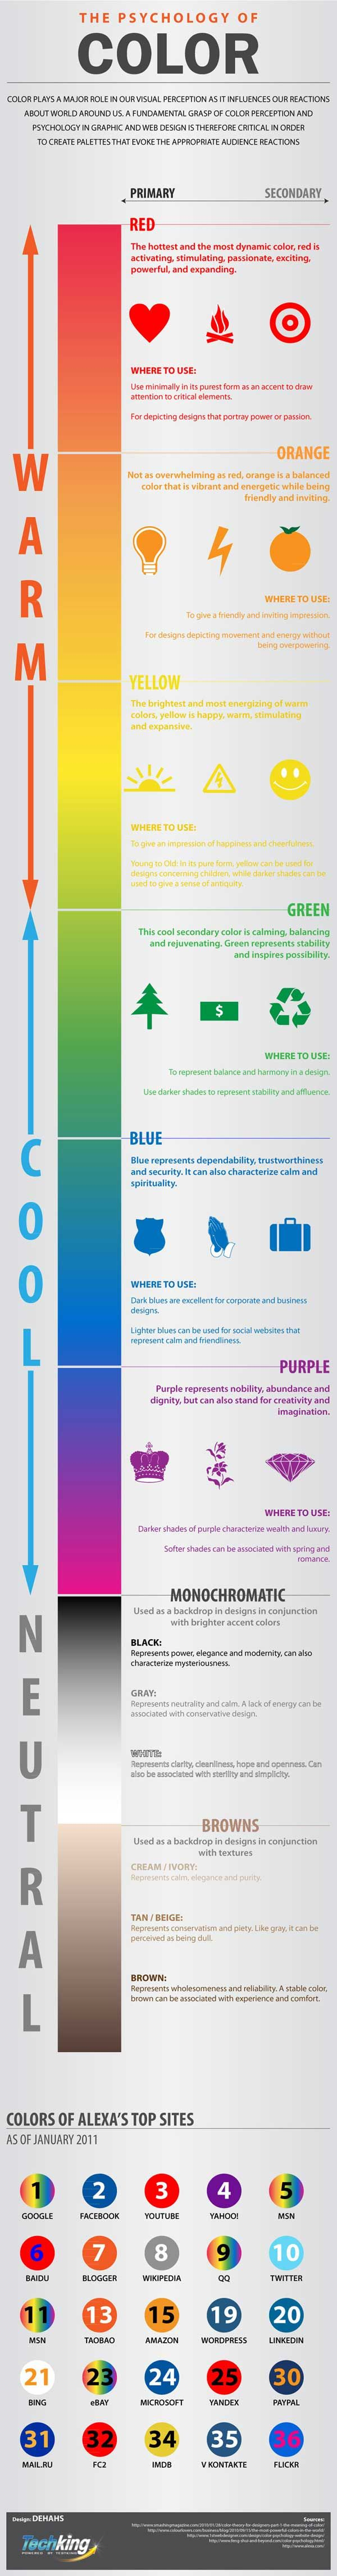 La psicología del color. Cómo afecta esto a nuestras sensaciones.